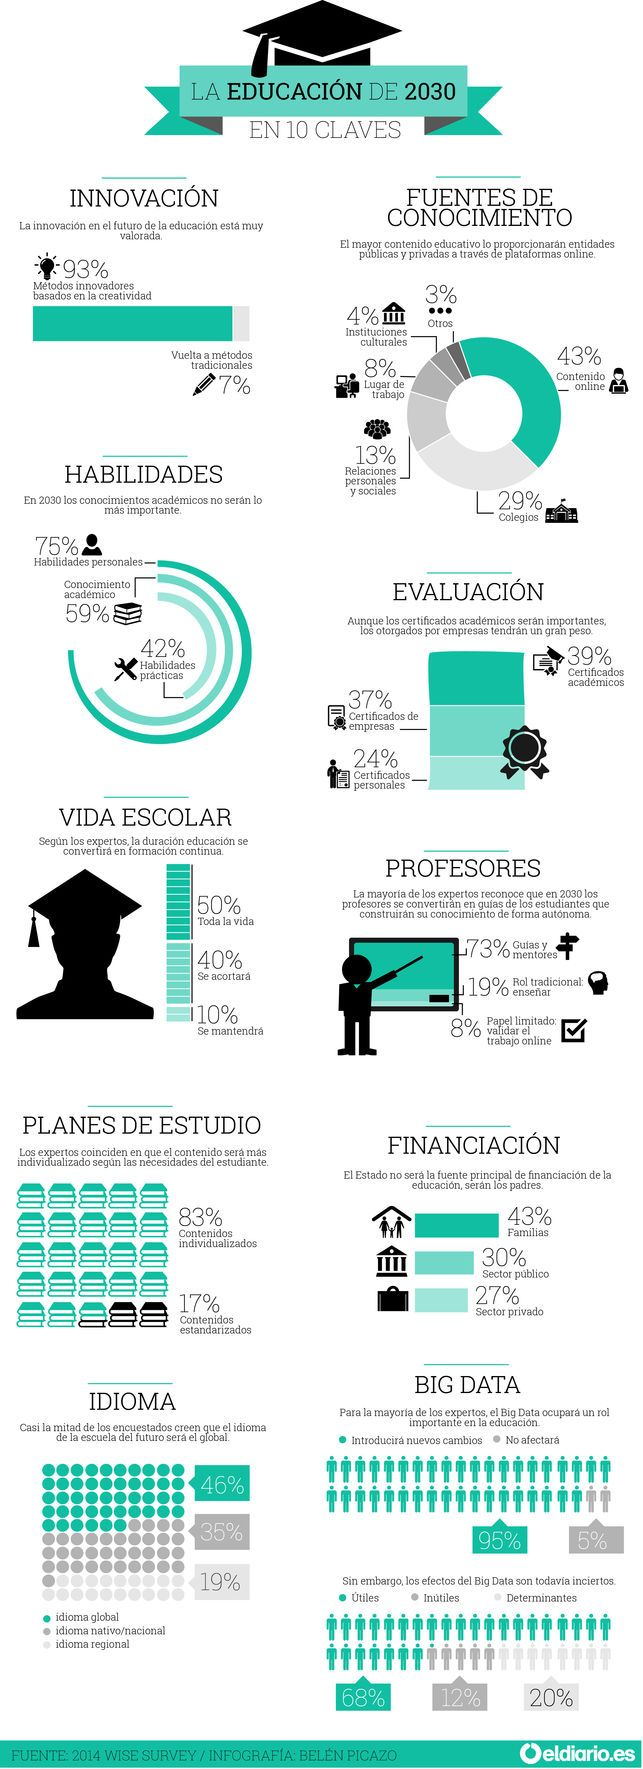 La educación de 2030 en 10 claves #infografia #inforaphic #education / Infografía: Belén Picazo vía @eldiarioes